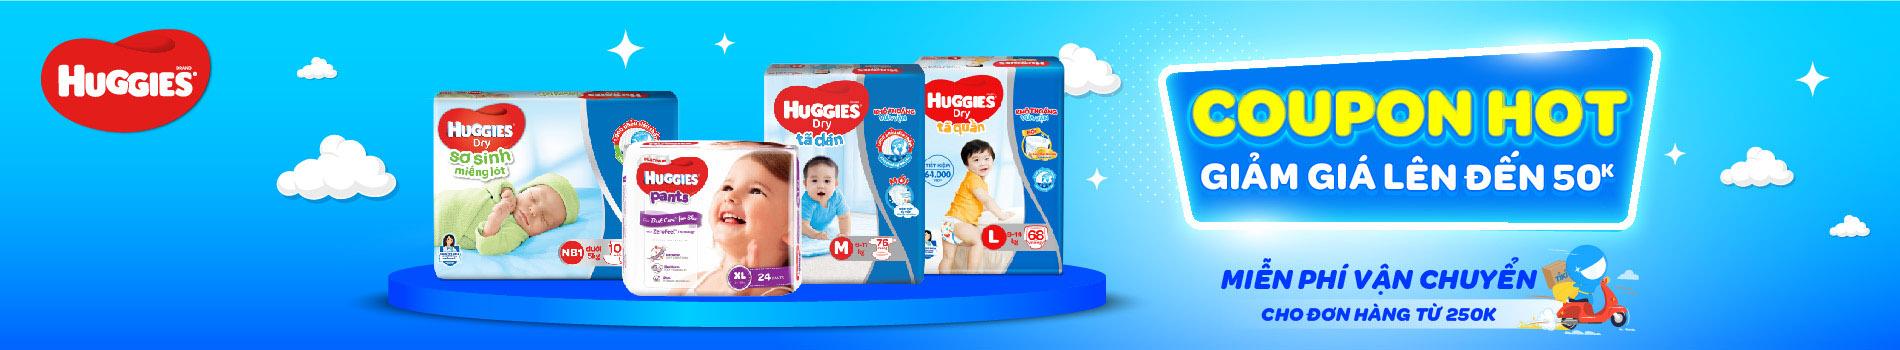 Huggies - Tả dán chính hãng